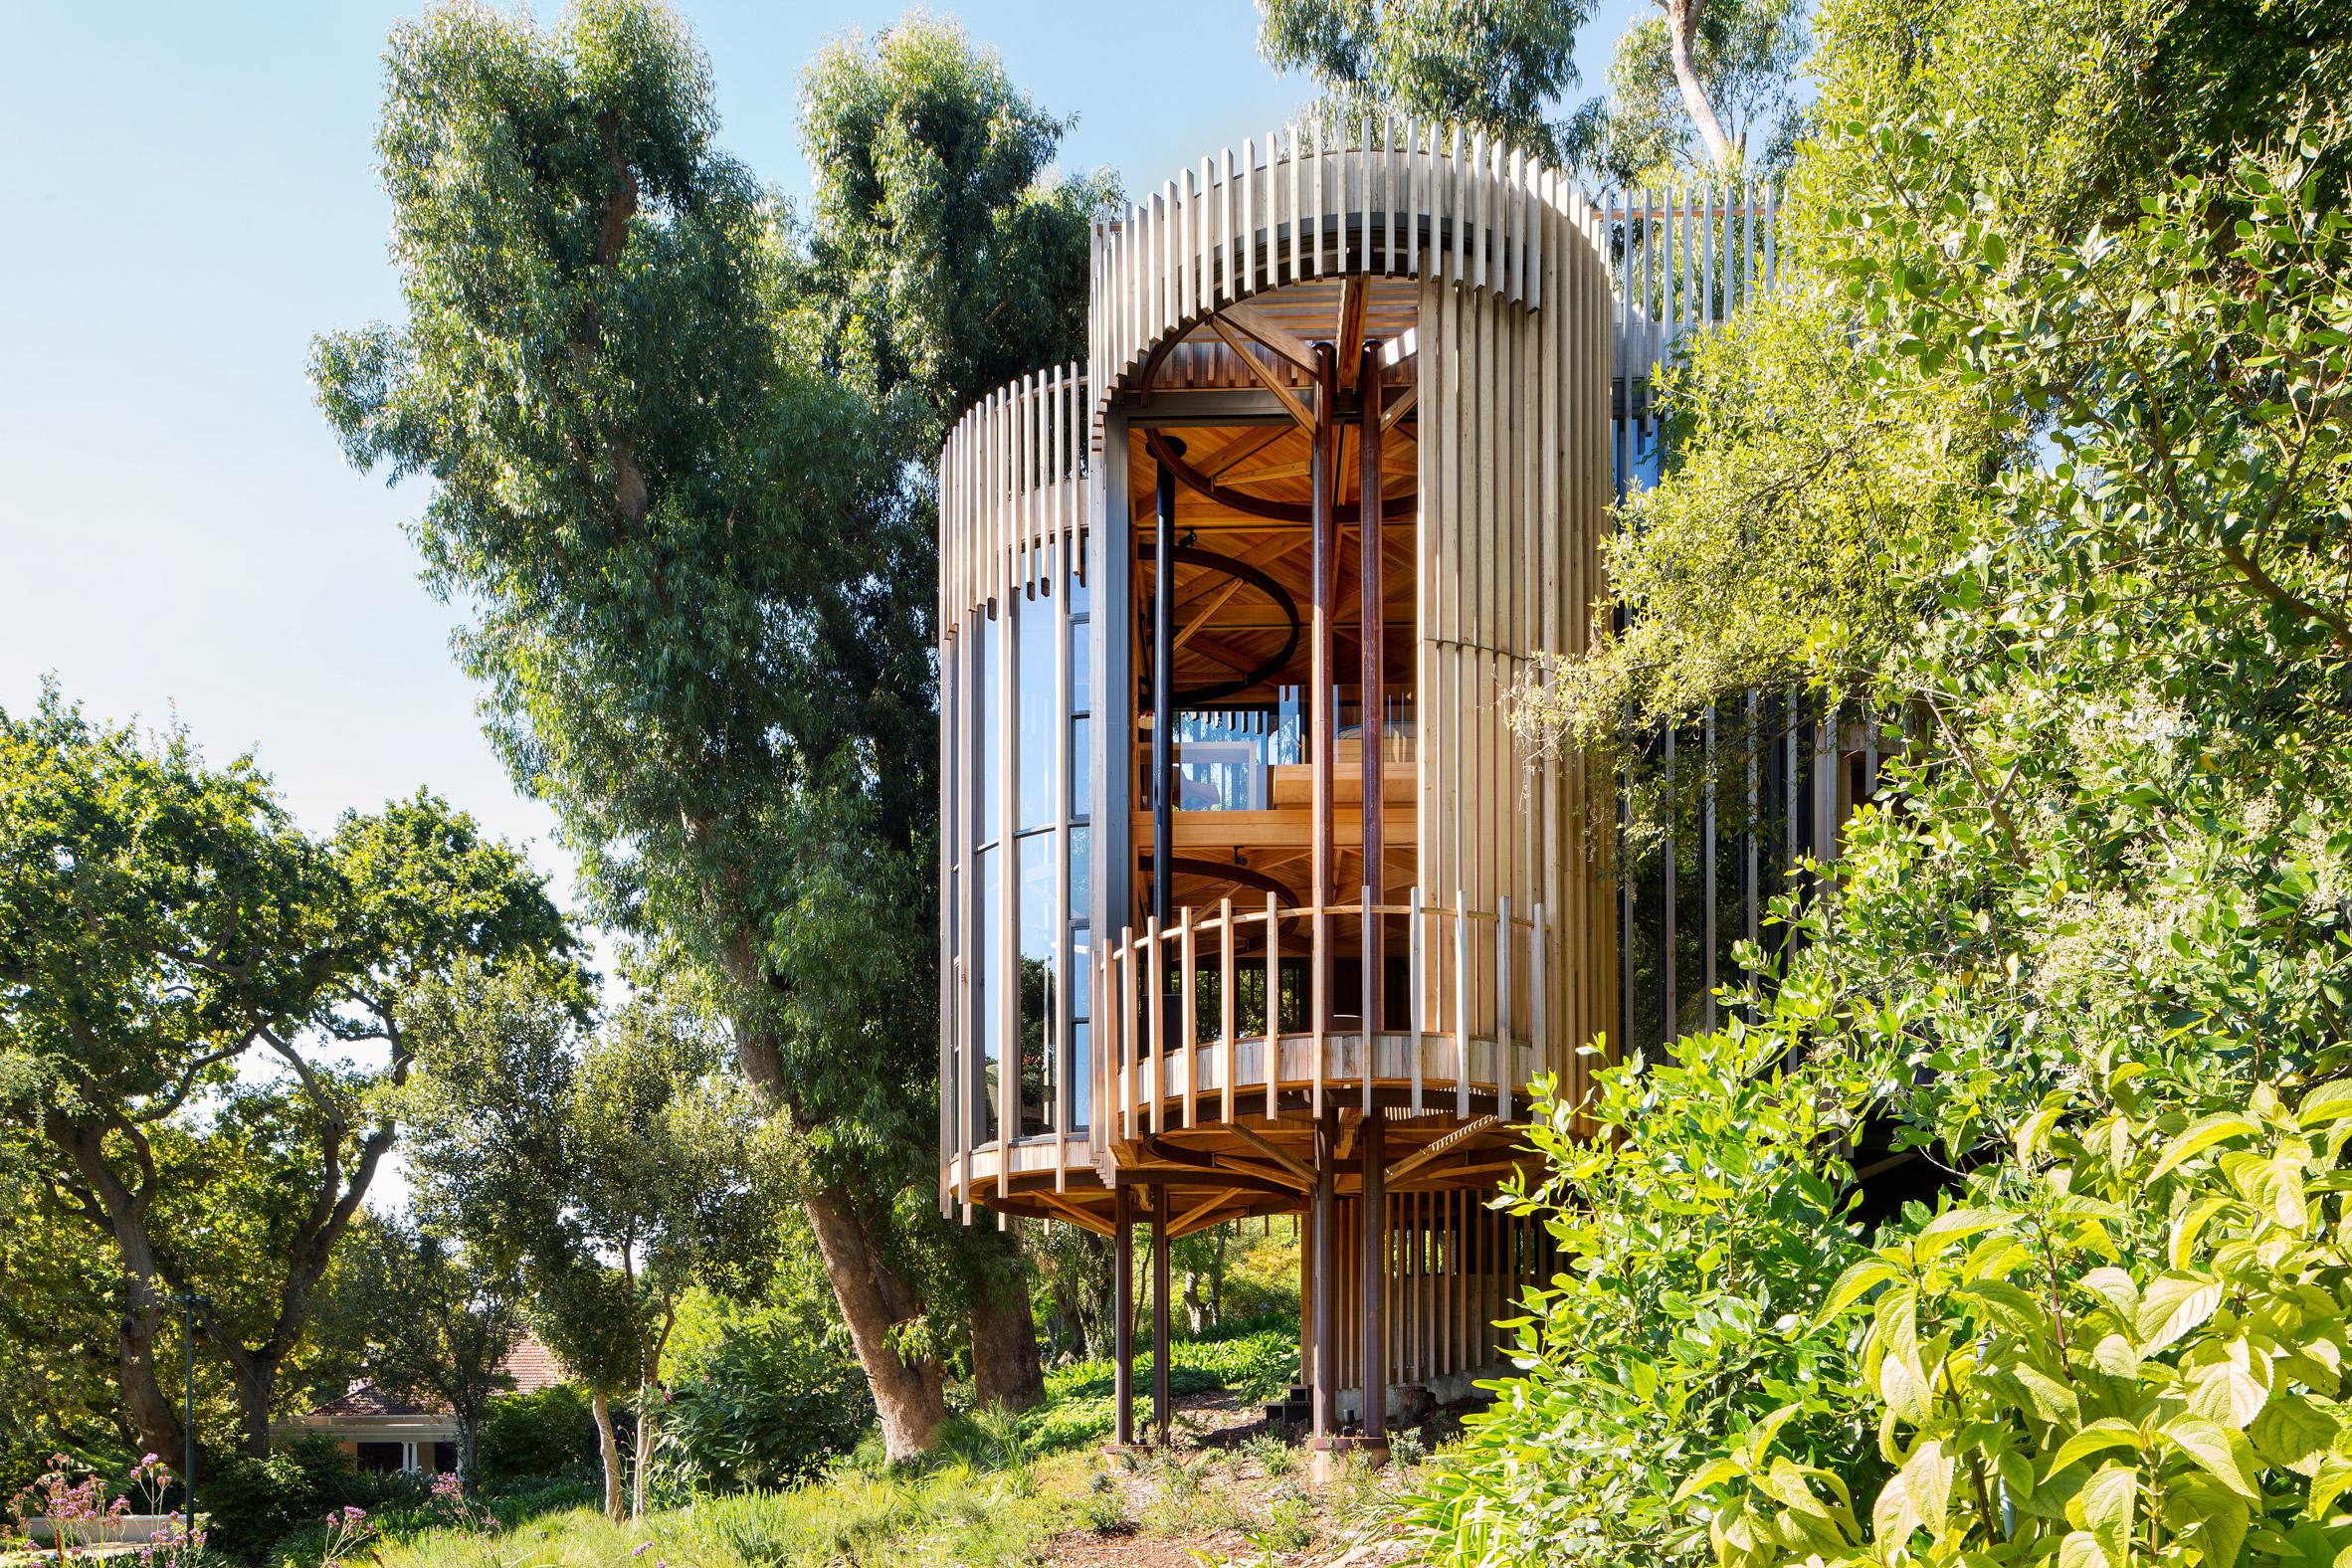 Casas de sonho uma incr vel mans o em forma de rvore na for Hotel con casas colgadas de los arboles